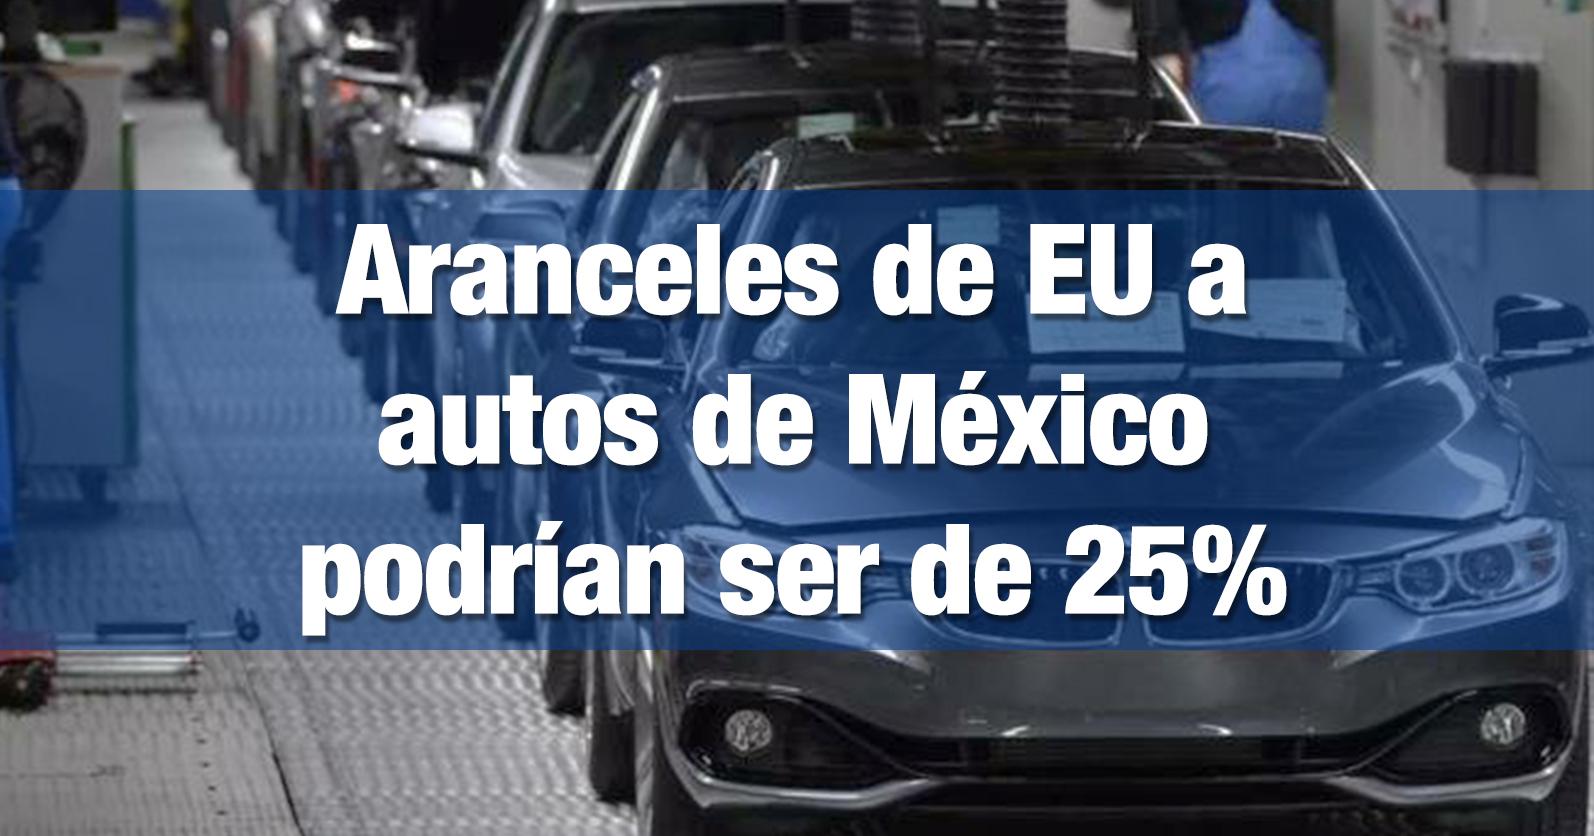 Aranceles de EU a autos de México podrían ser de 25%